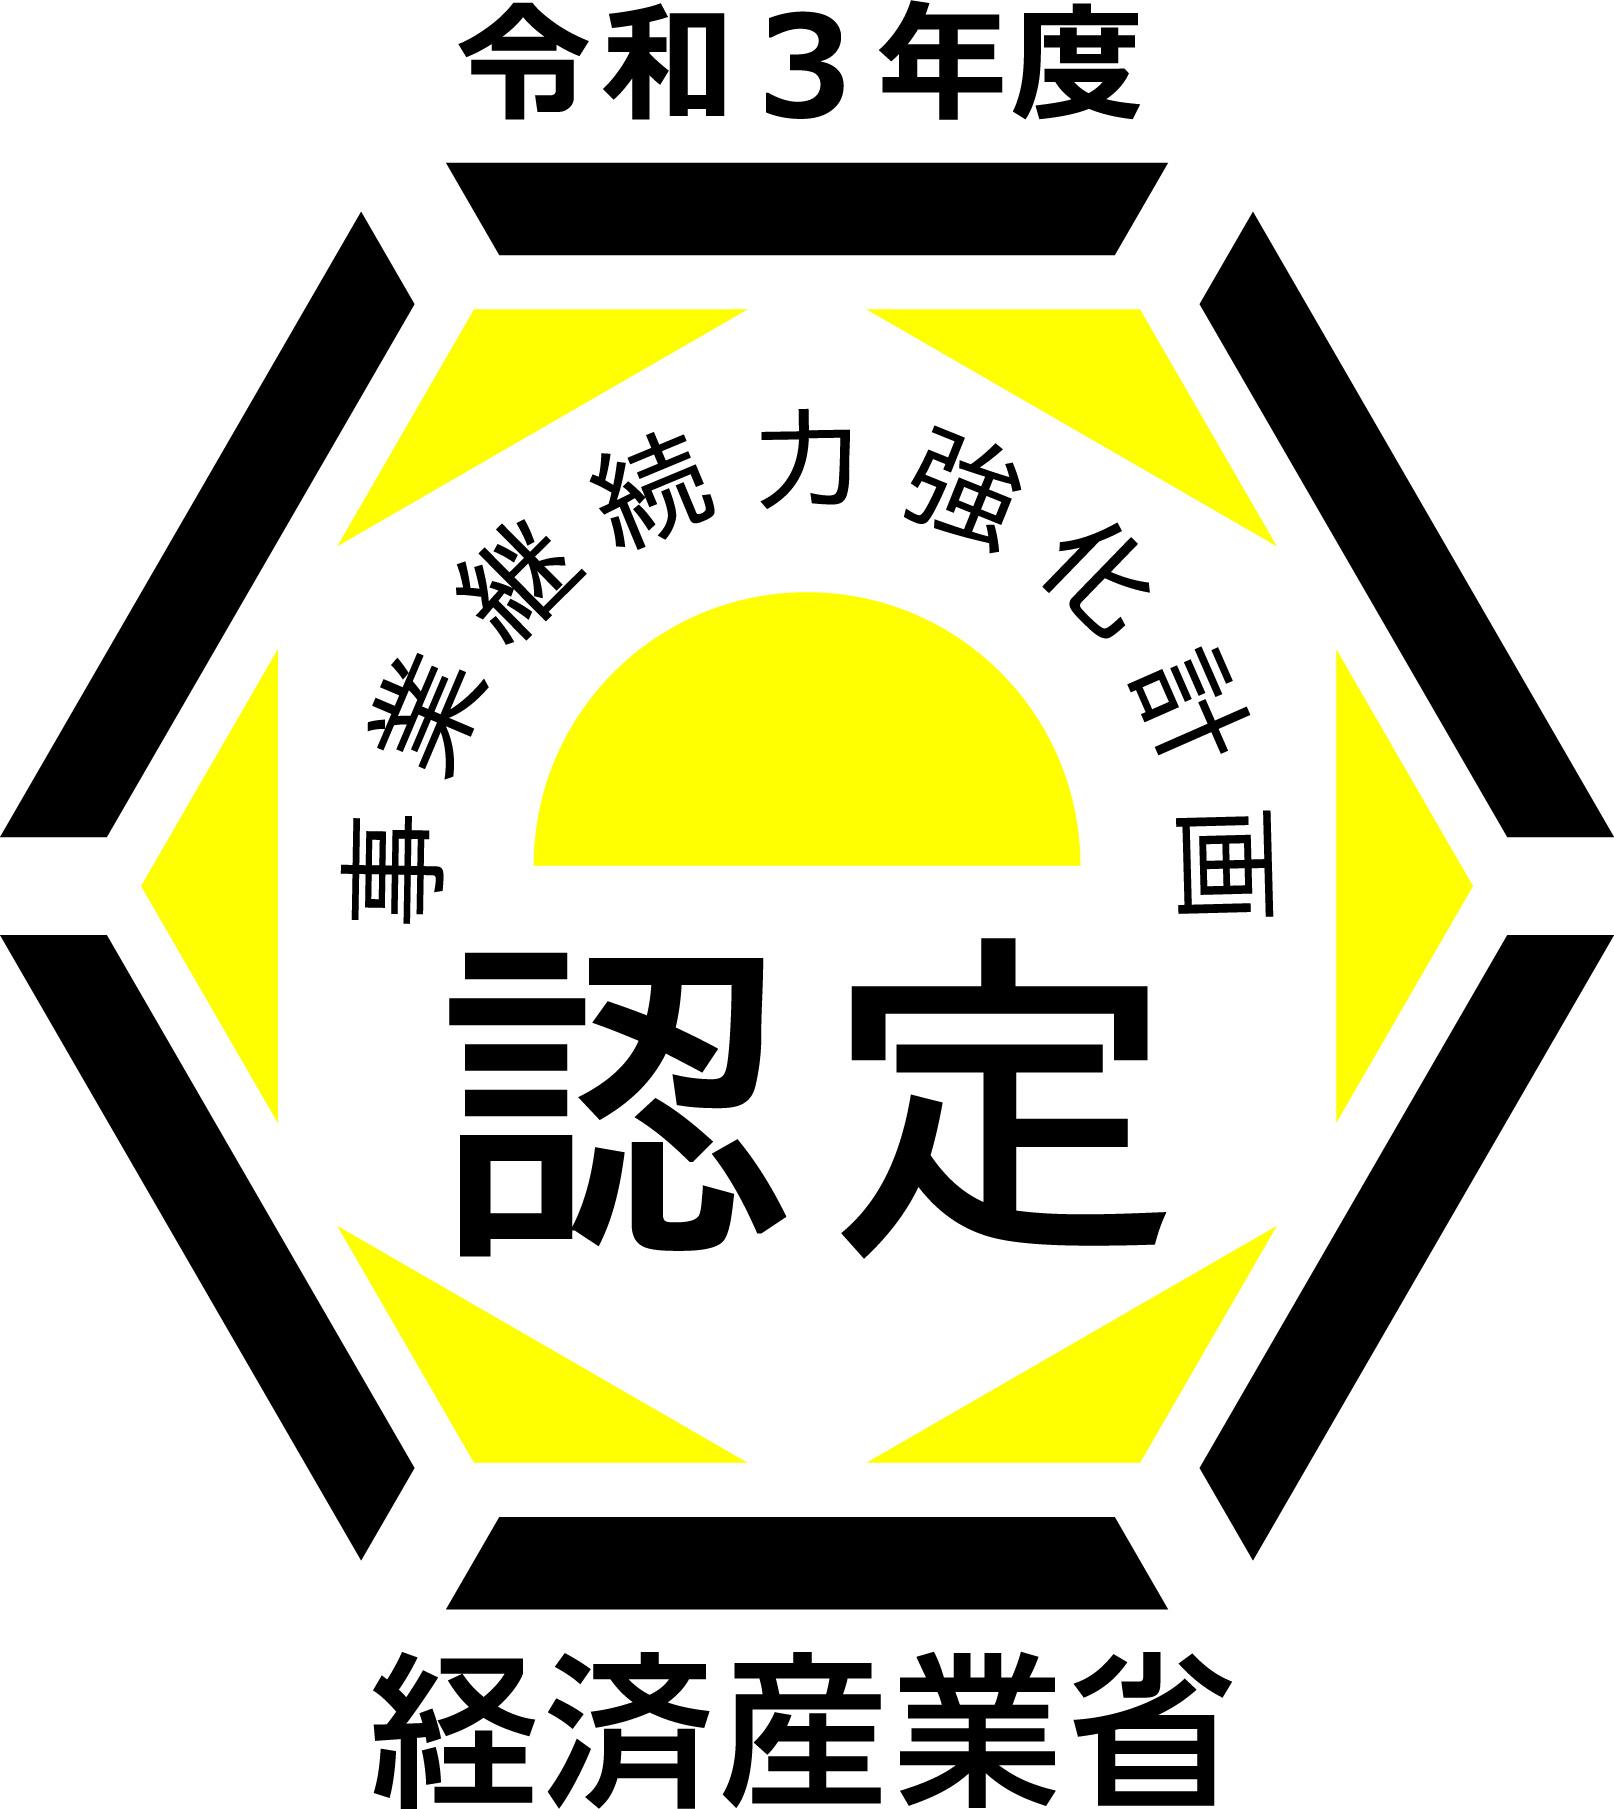 経済産業省 中小企業庁継続力強化計画認定マーク